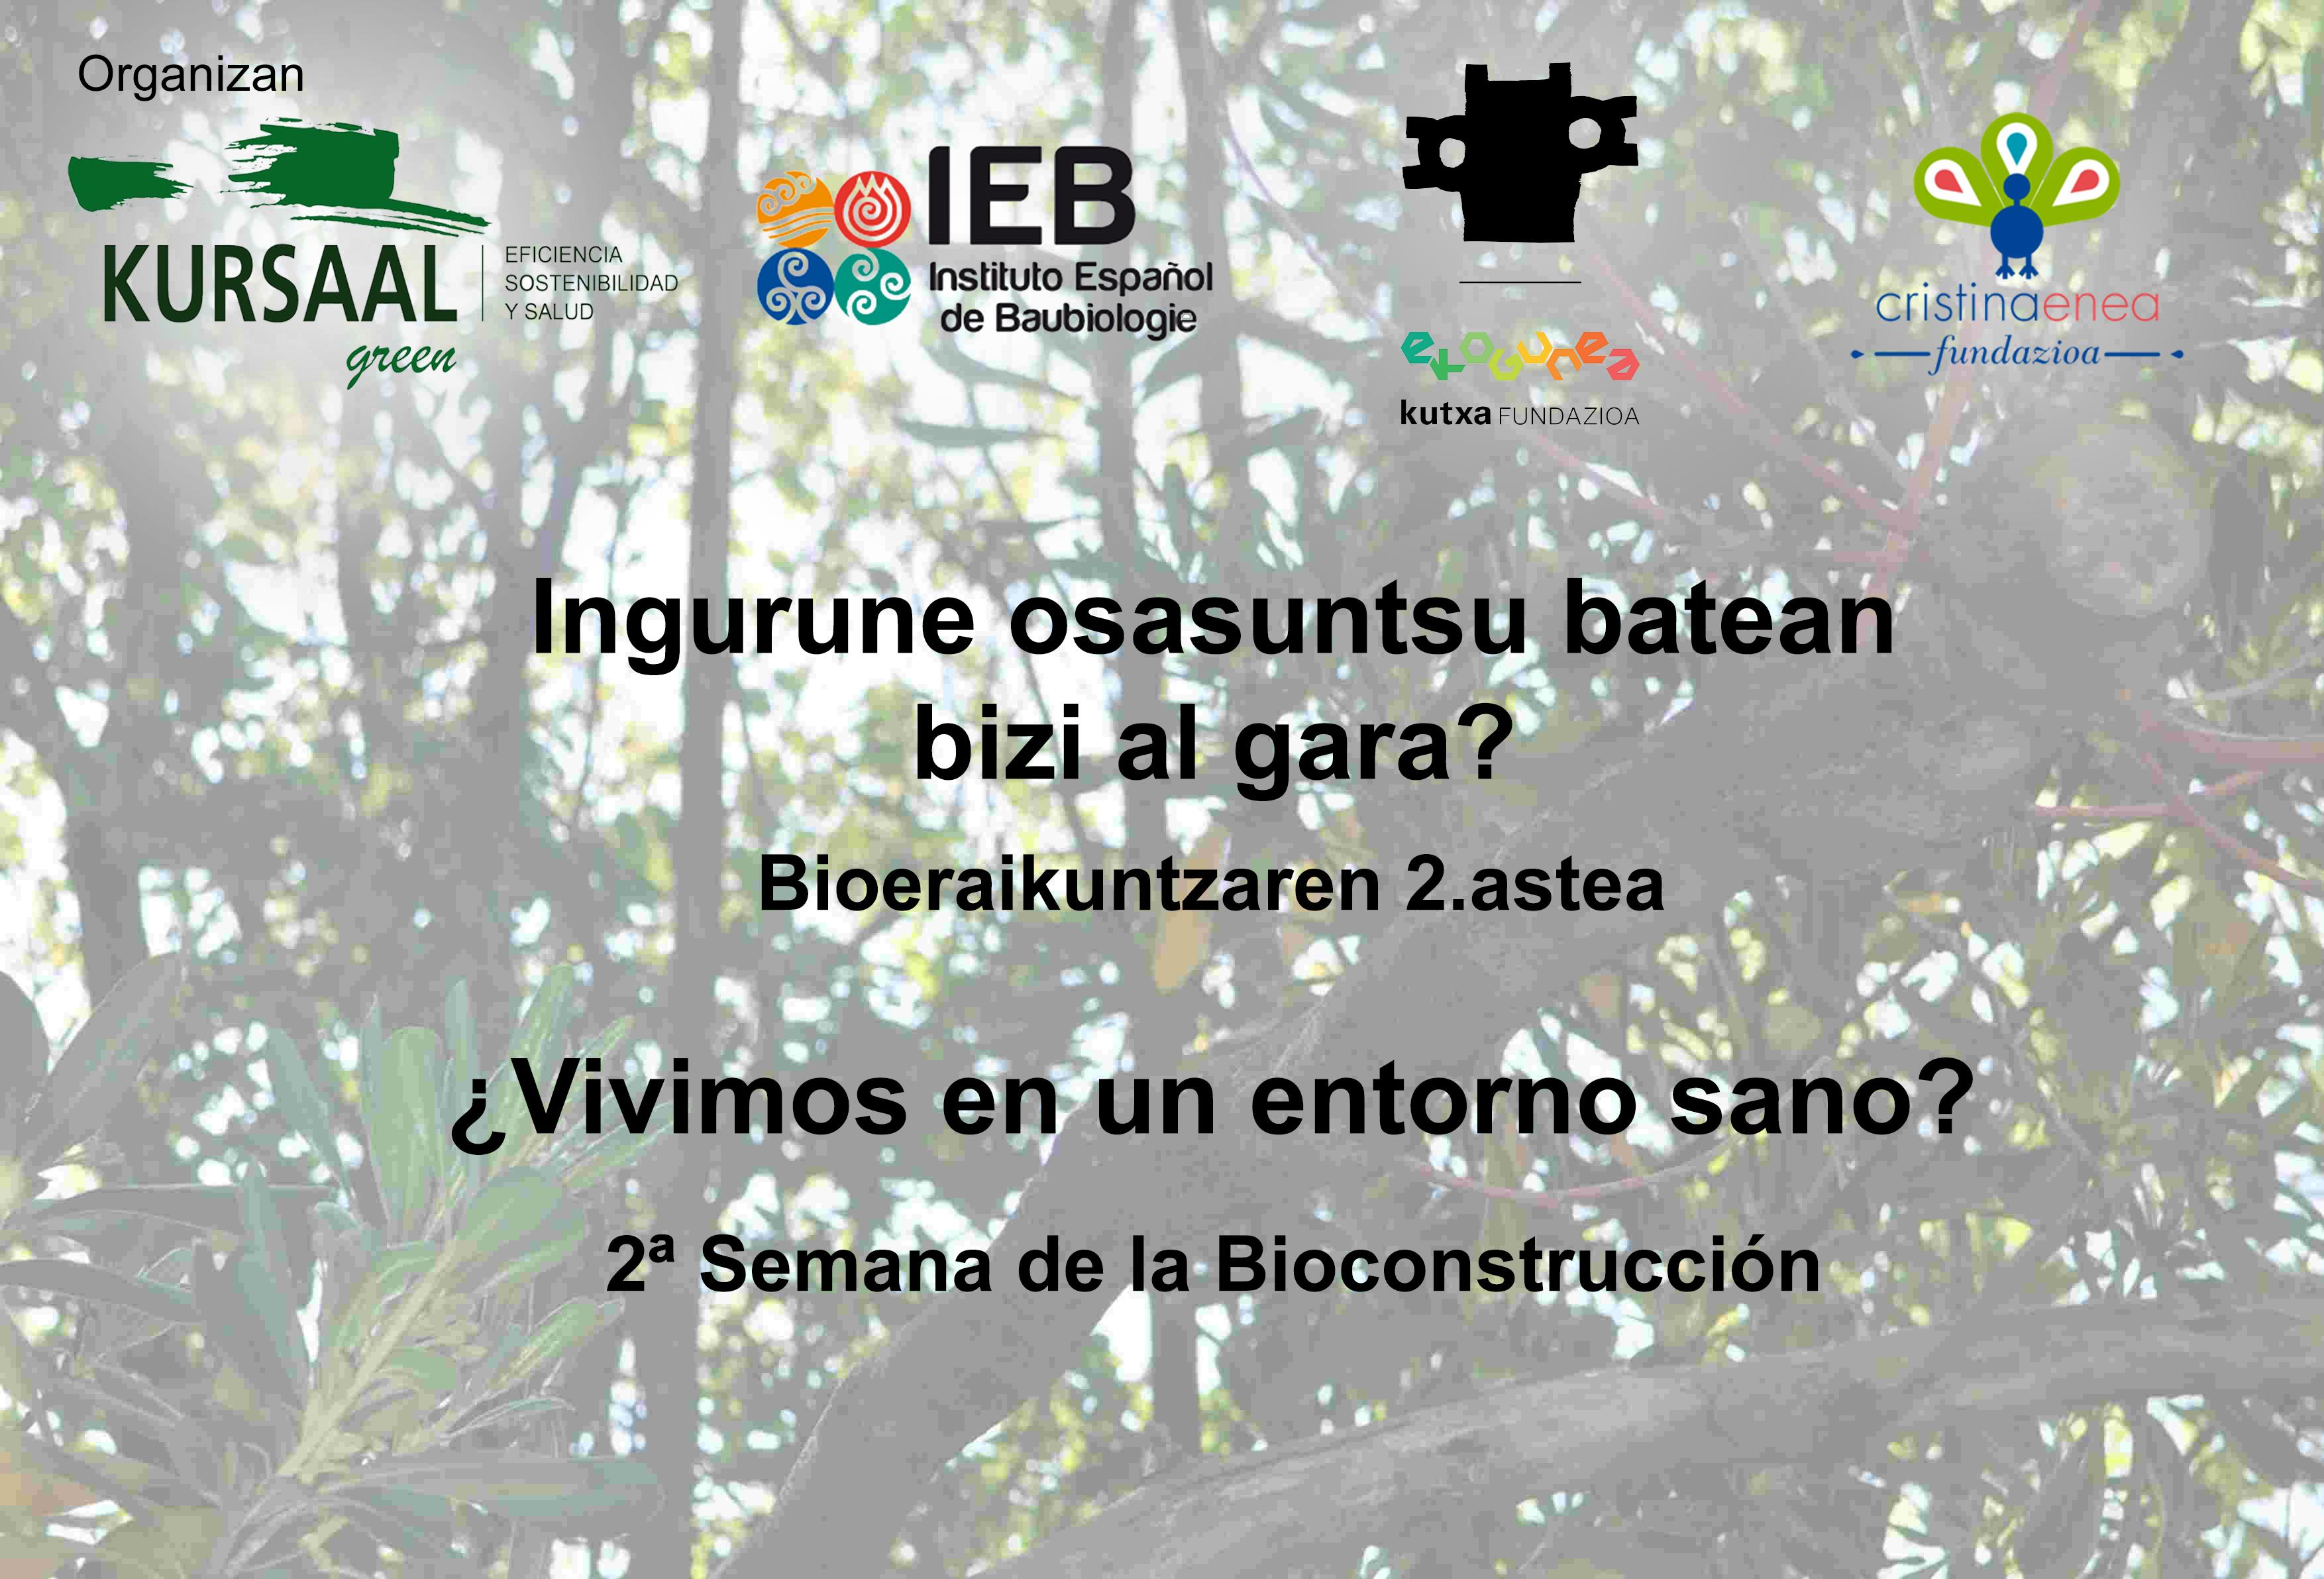 foto noticia: II Semana de la Bioconstrucción para la Ciudadanía organizada por Kursaal Green, IEB, Kutxa Ekogunea y Cristina Enea Fundazioa